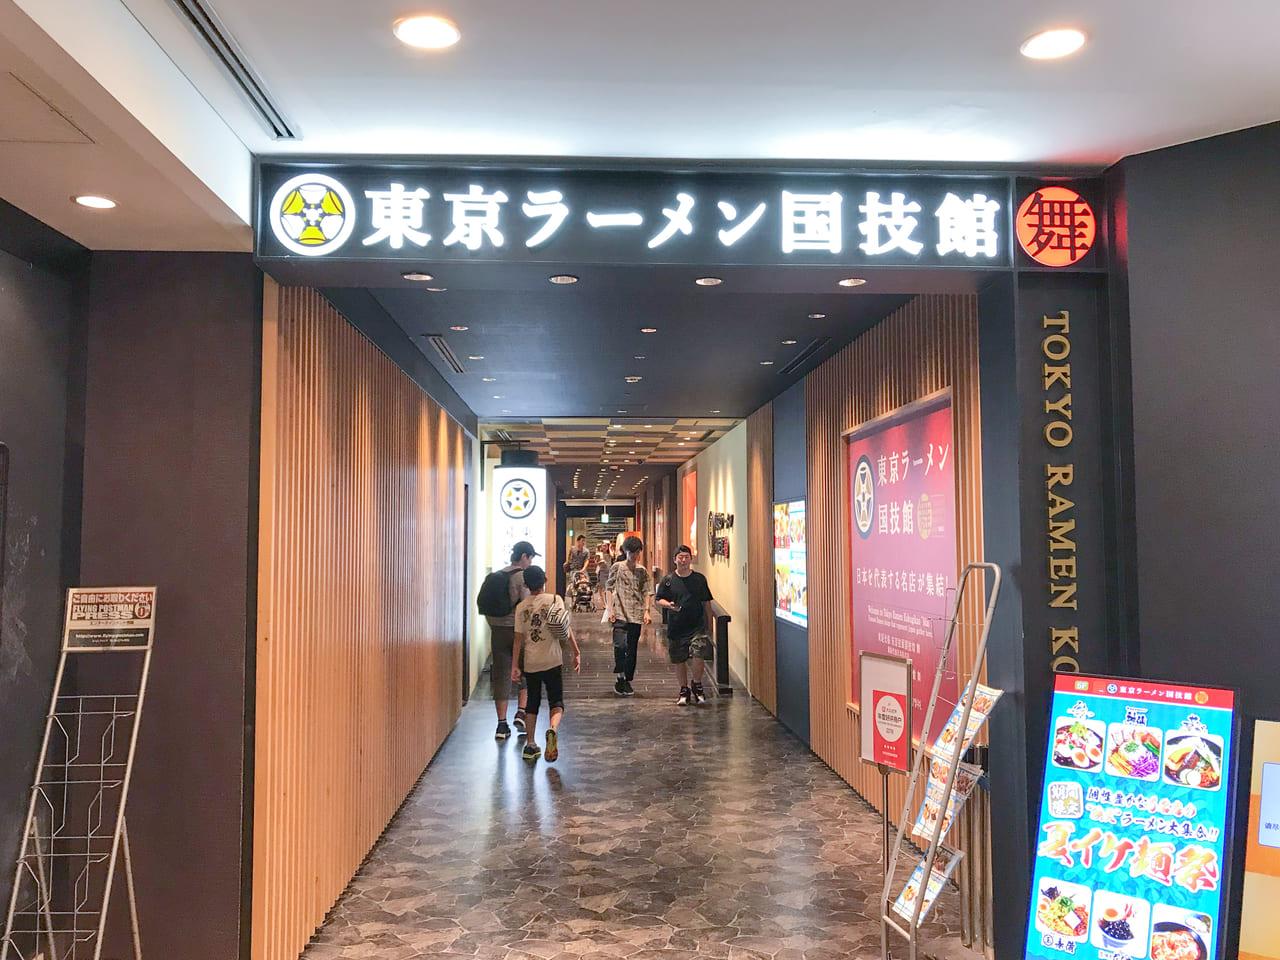 /1261-tokyo-ramen-kokugikan-in-aqua-city